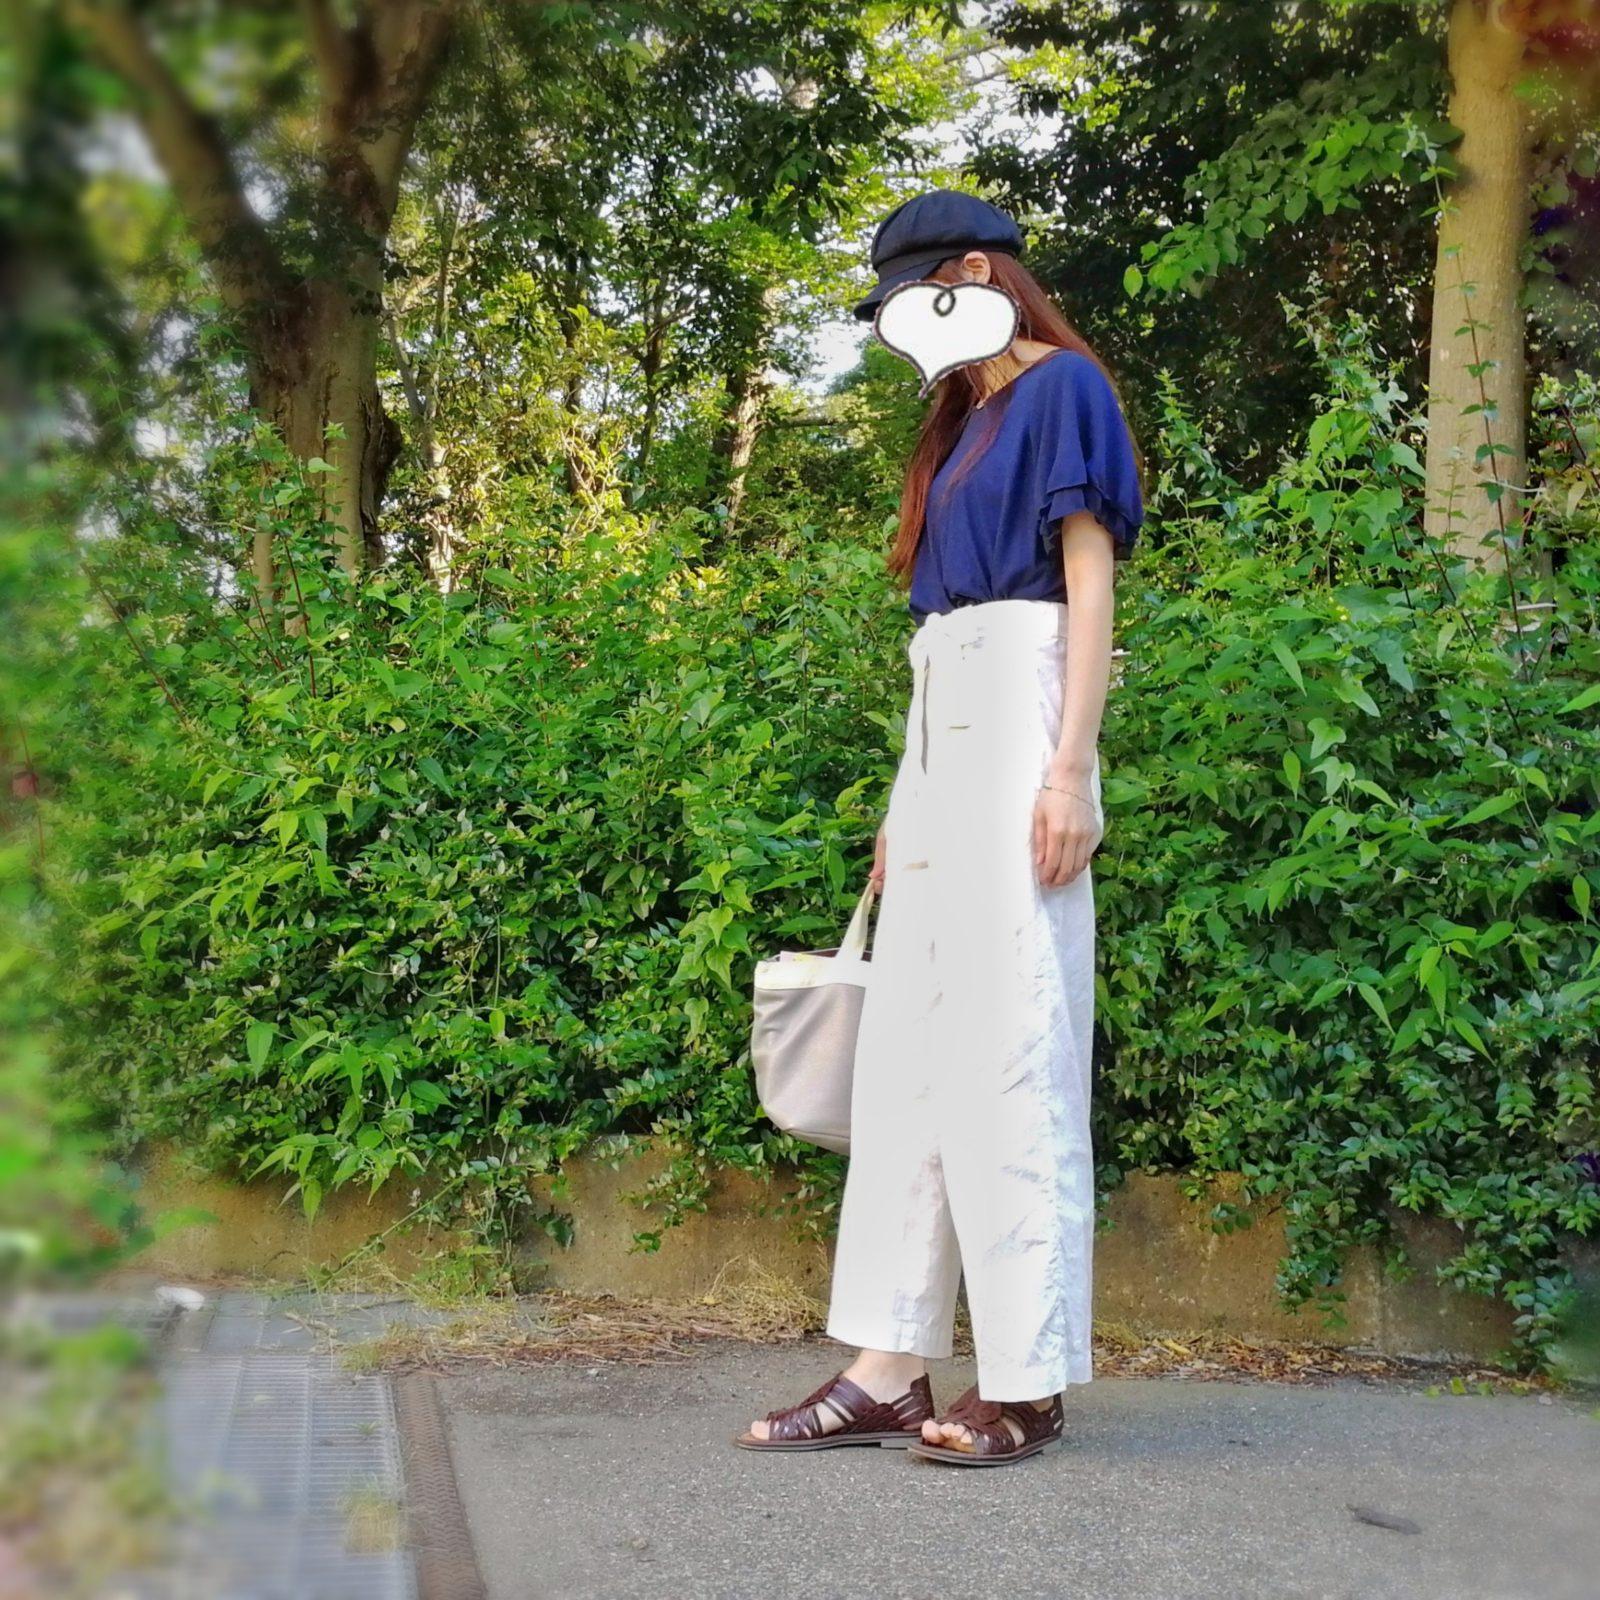 5000円以下のきれいめカジュアル服☆30代ママ向けプチプラファッションが買える通販ショップは?